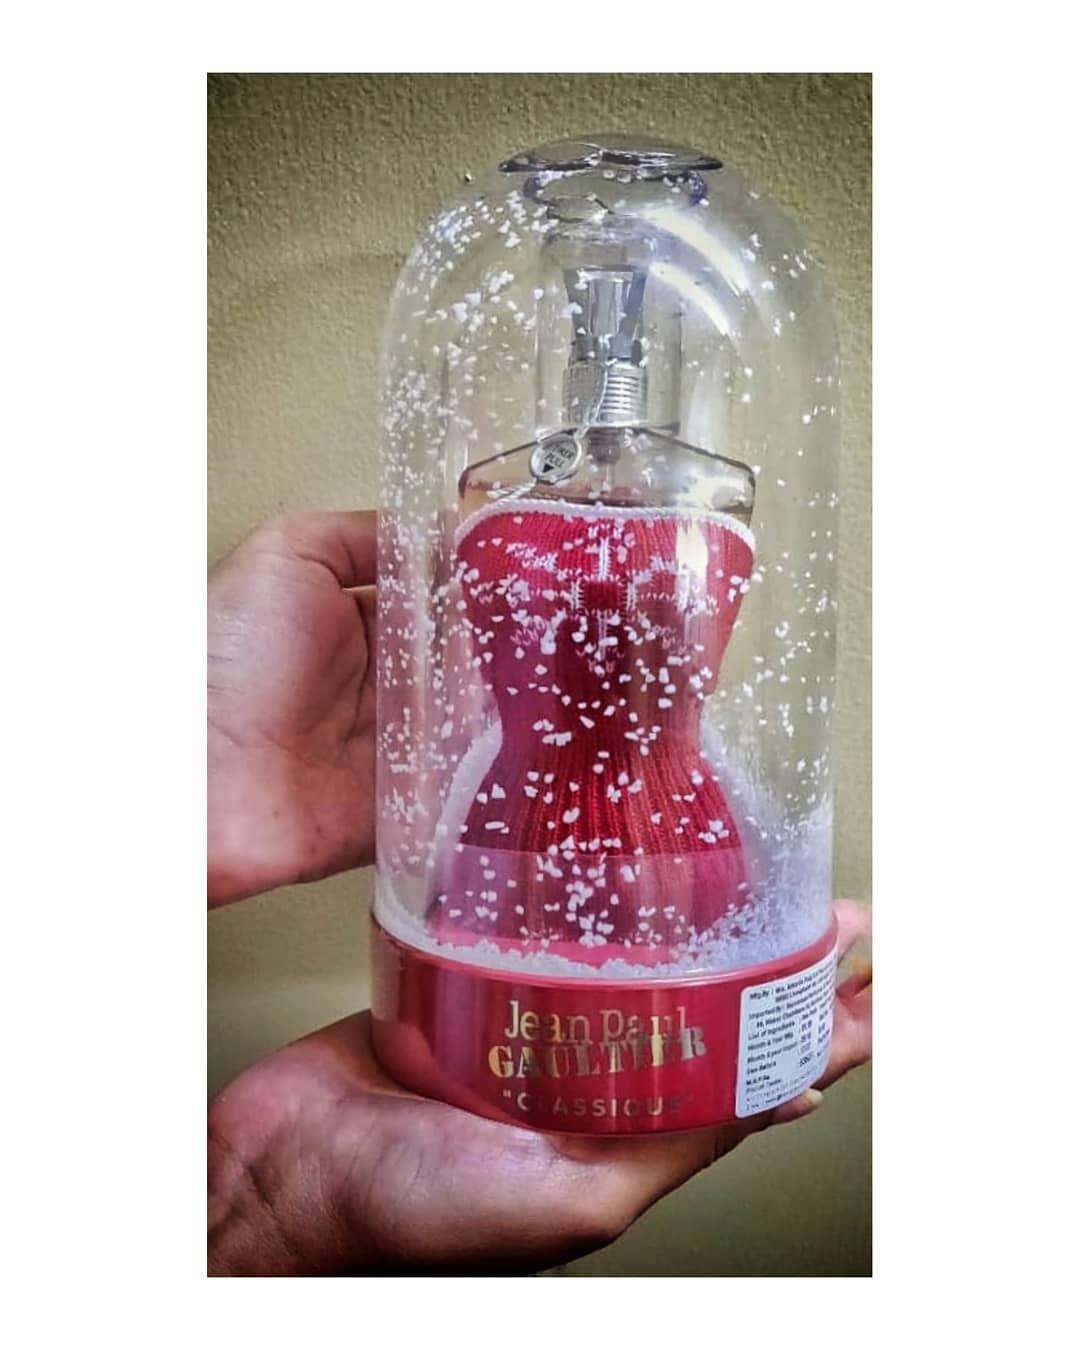 Jean Paul Gaultier Classique Eau de Parfum 50ml